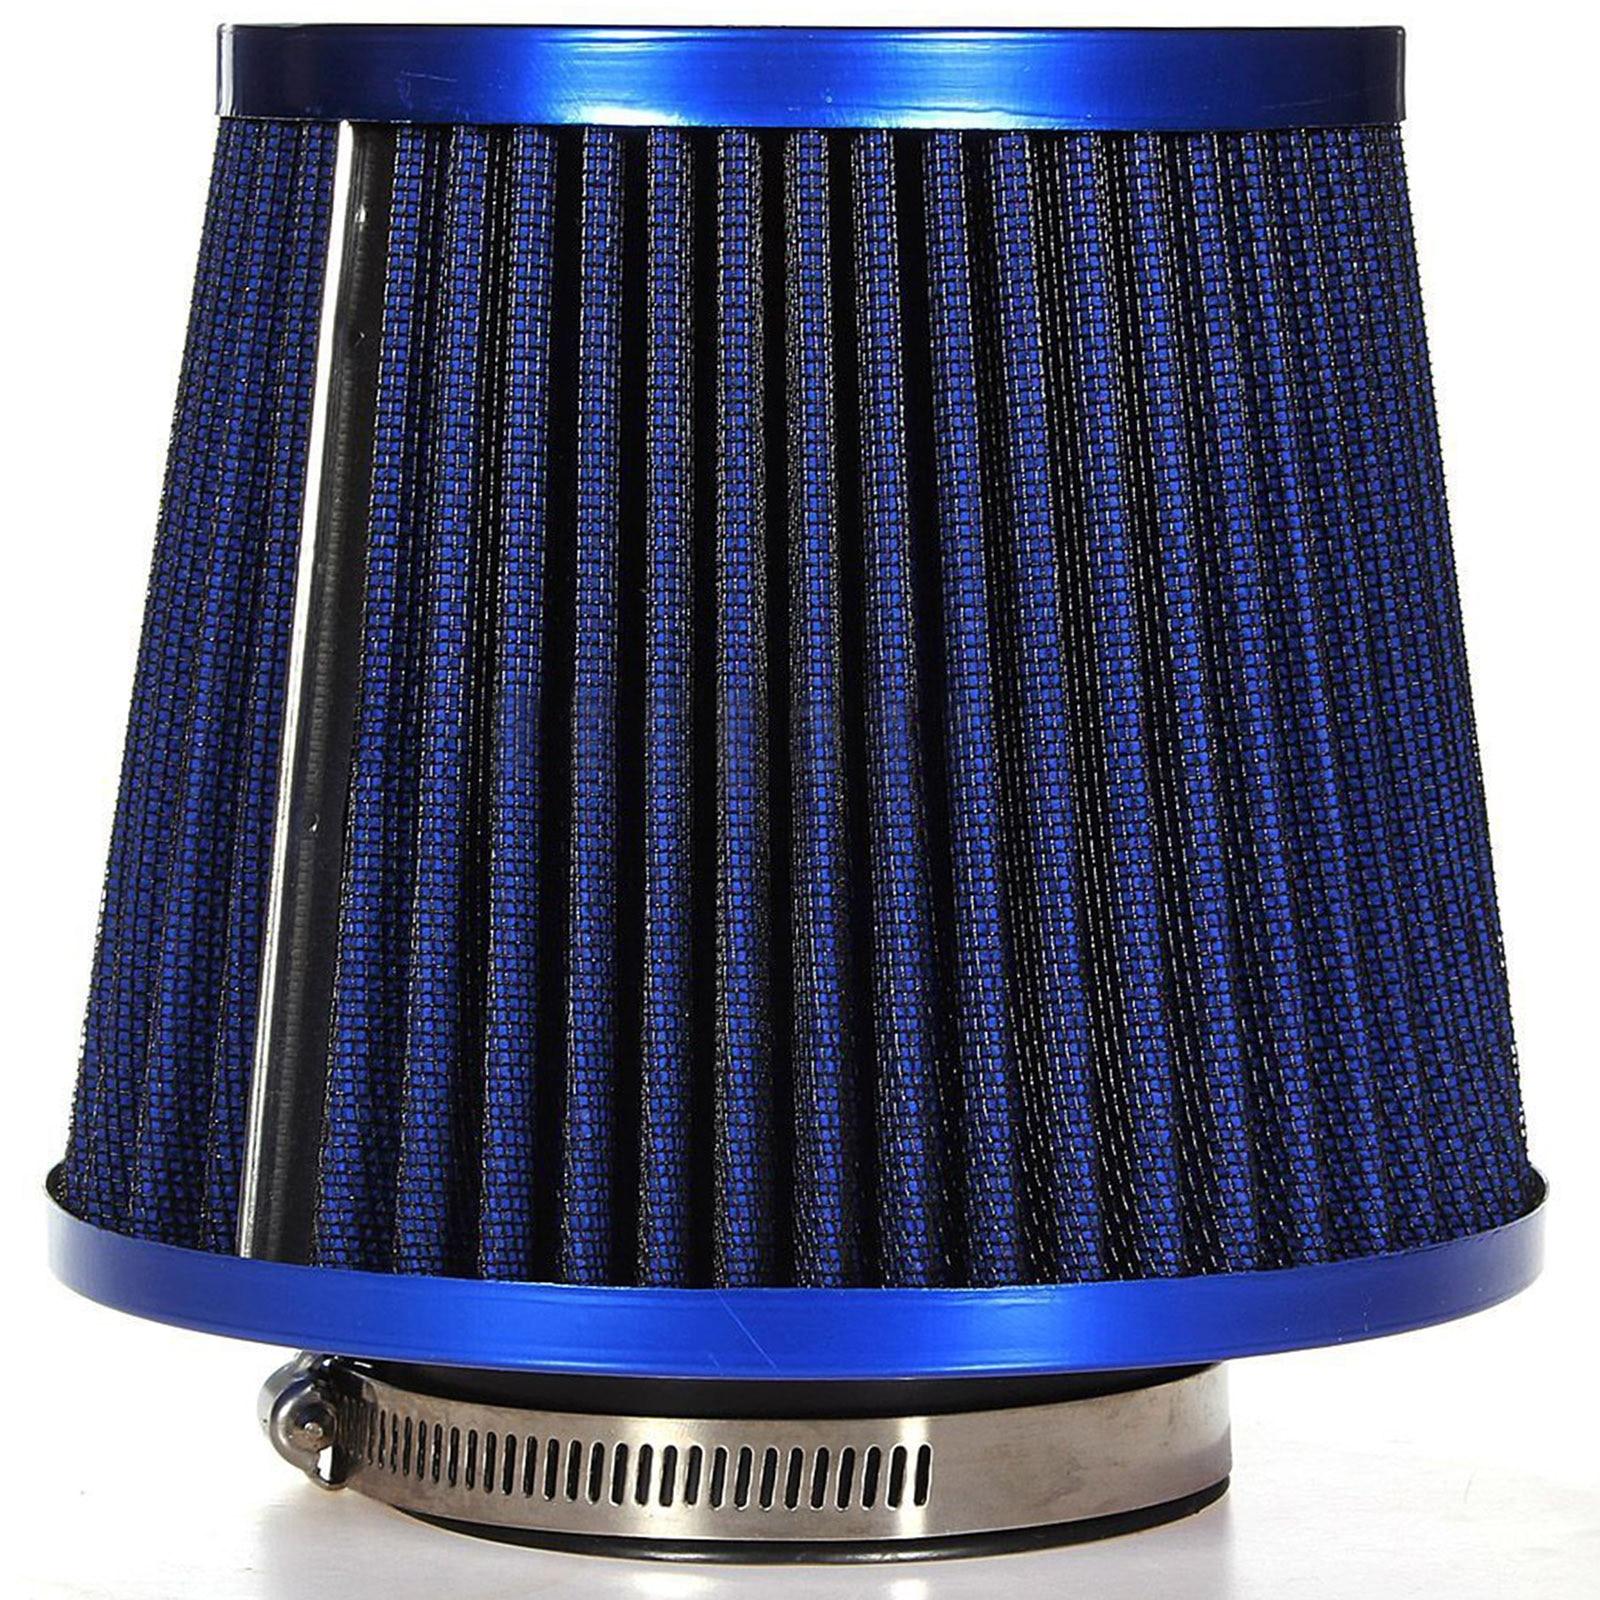 JX-LCLYL uniwersalny samochód filtr wlotu powietrza indukcyjna zestaw wysokiej mocy siatka sportowa stożek niebieski